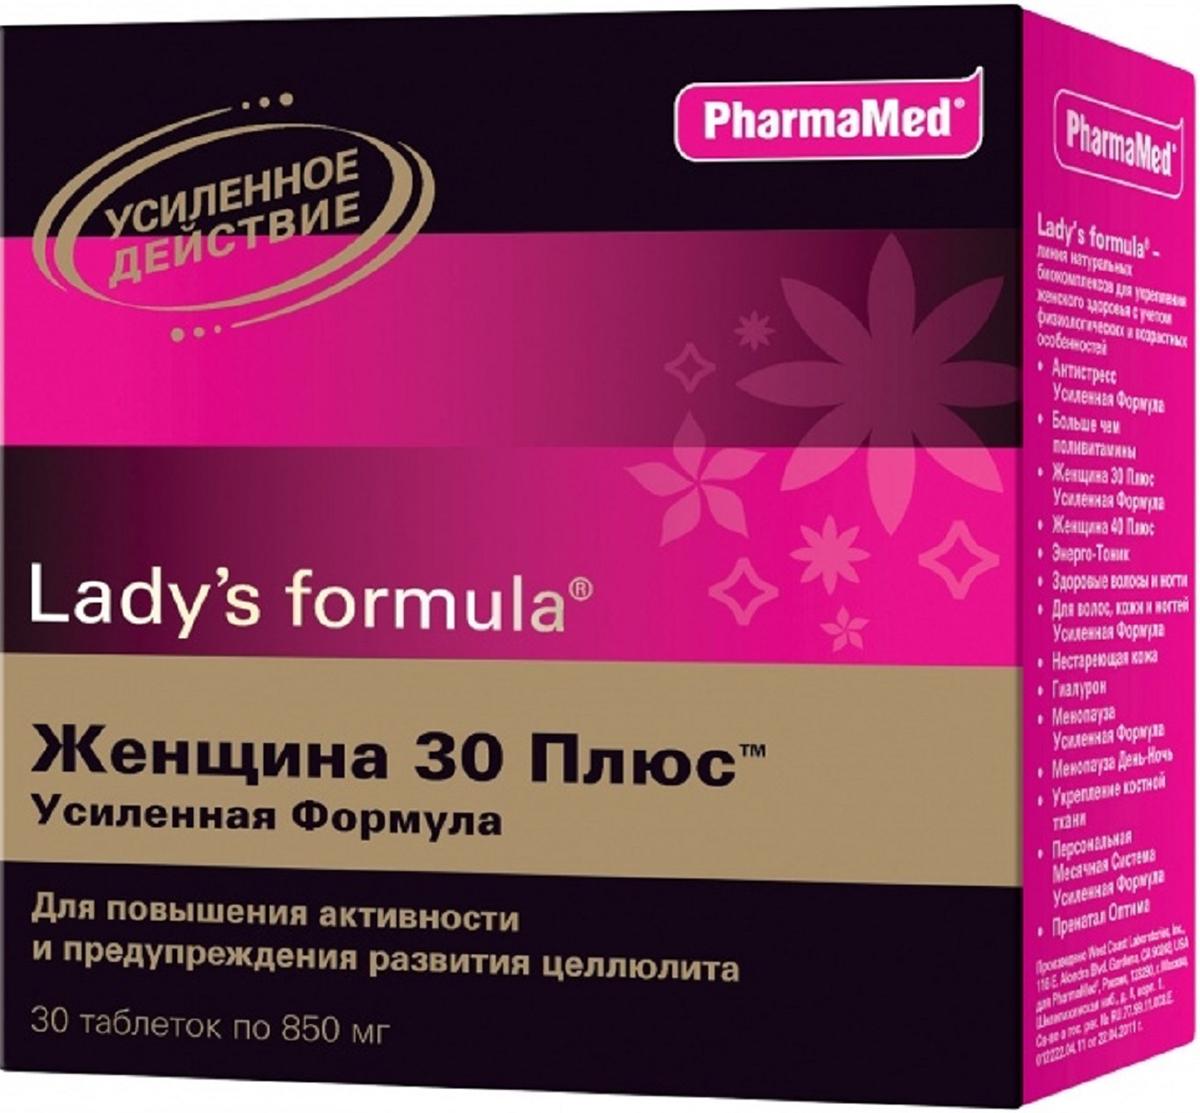 Леди-С Формула Женщина 30 плюс Усиленная формула таблетки №30210234Натуральный биокомплекс с экстрактами лекарственных растений для повышения активности и предупреждения развития целлюлита Сфера применения: ВитаминологияМакро- и микроэлементы